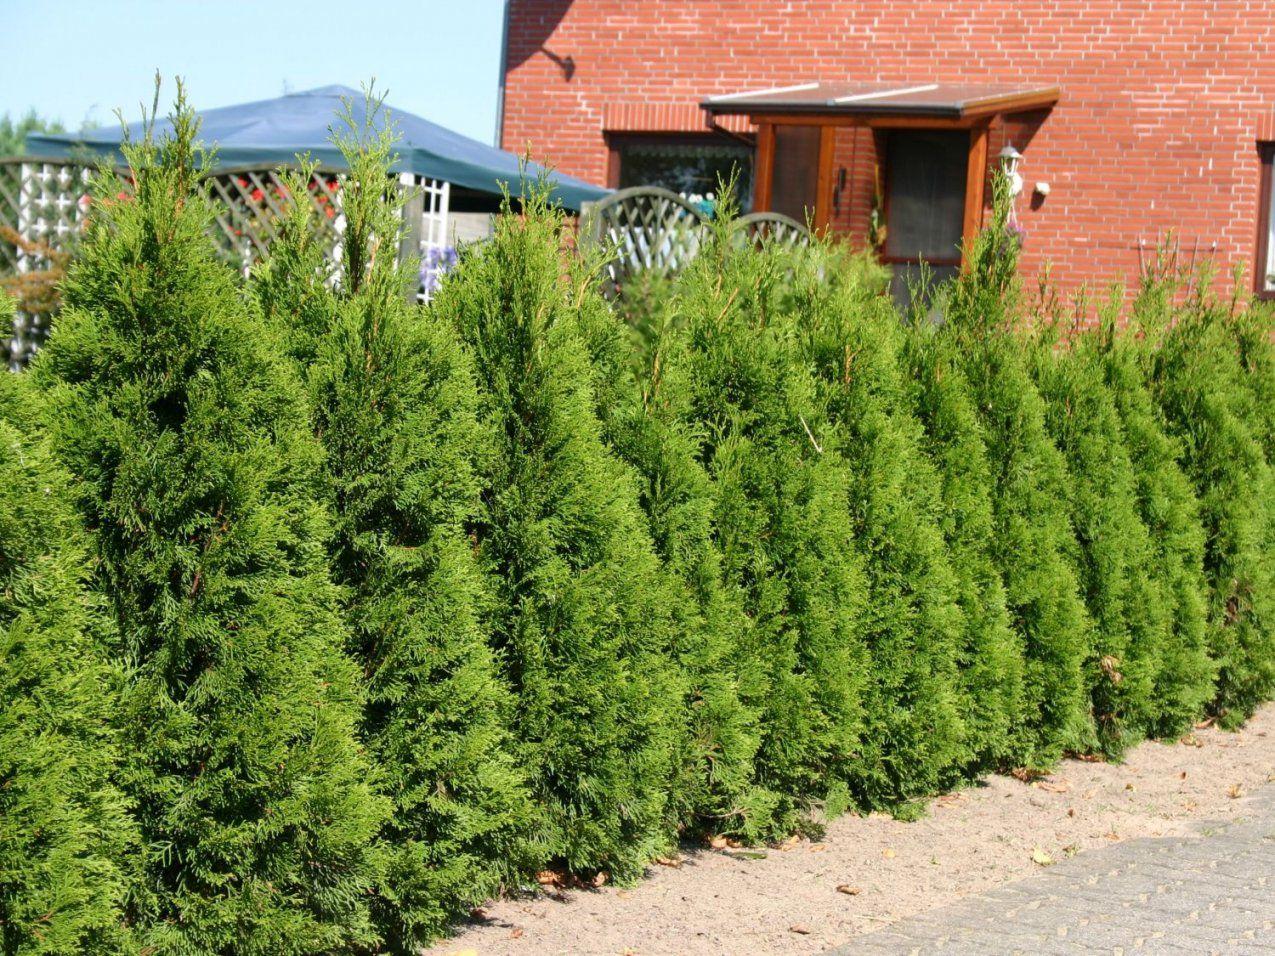 Lebensbaum 'smaragd'  Thuja Occidentalis 'smaragd'  Baumschule von Thuja Smaragd Richtig Pflanzen Photo